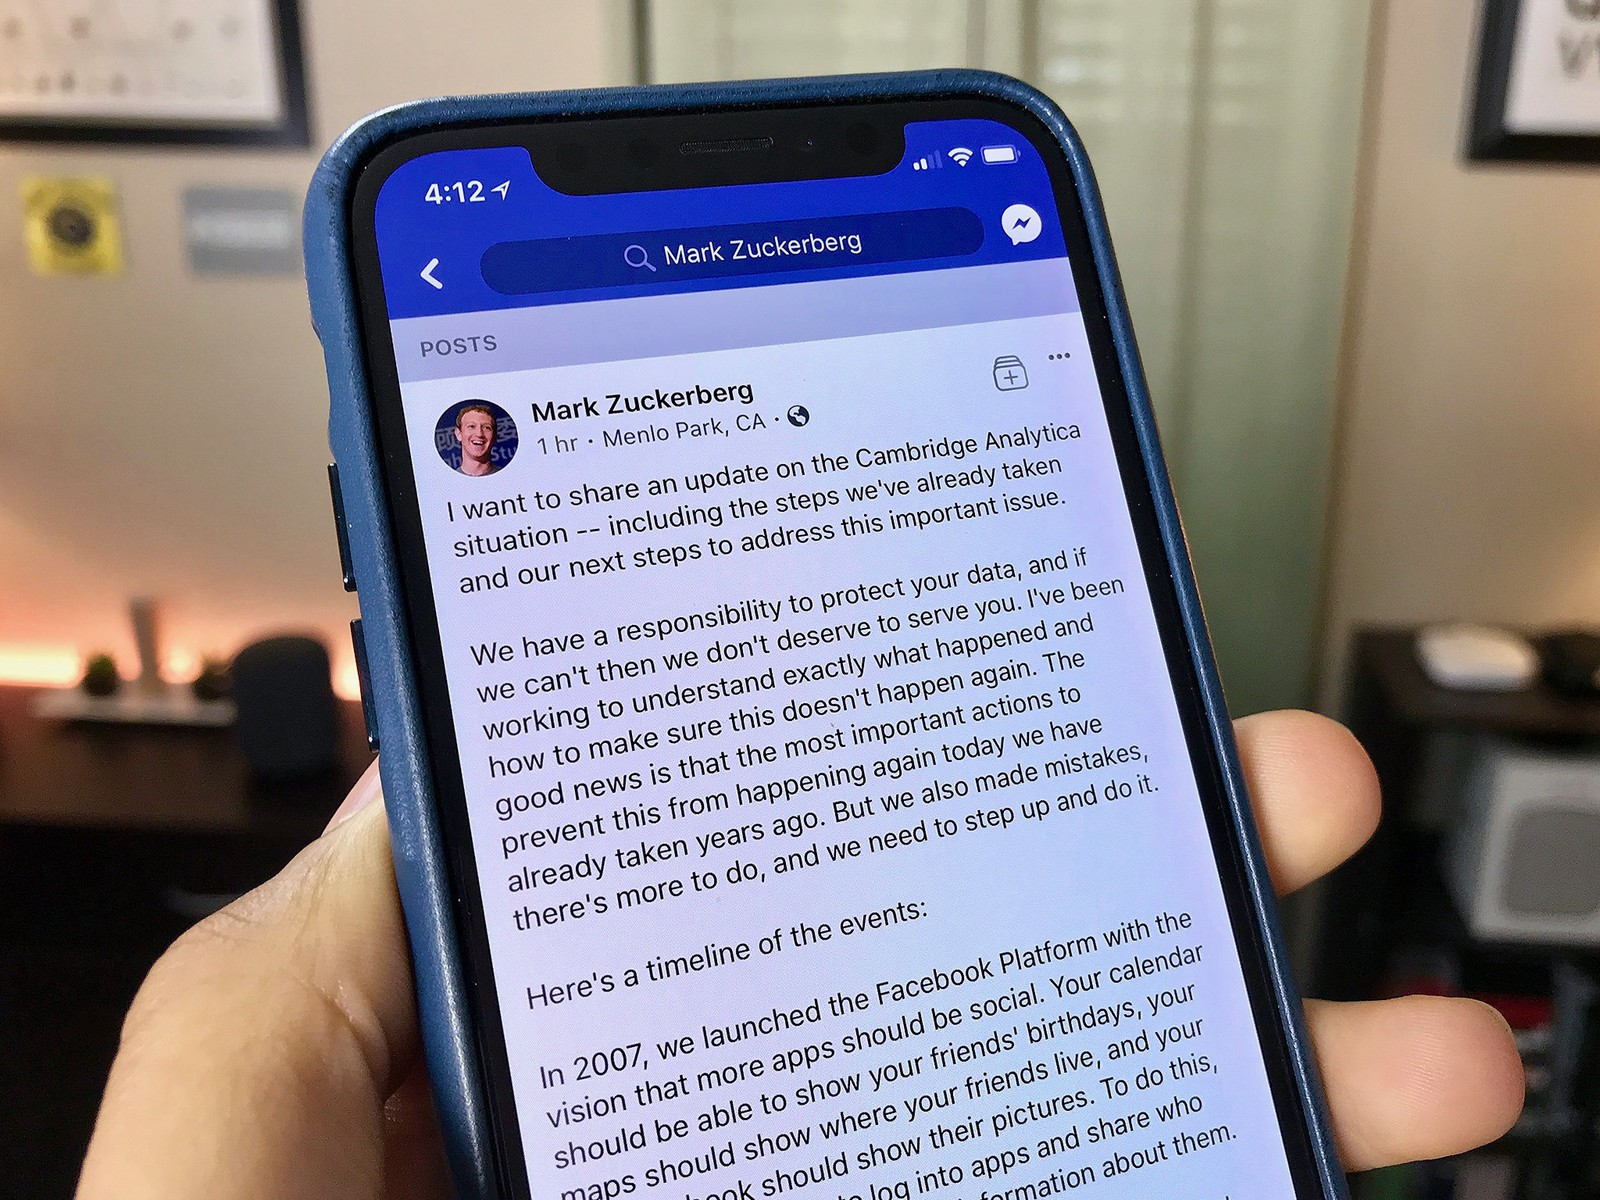 facebook mark zuckerberg responds hero - مارك زوكيبرج يرد على تورط فيس بوك في تسريب بيانات 50 مليون مستخدم